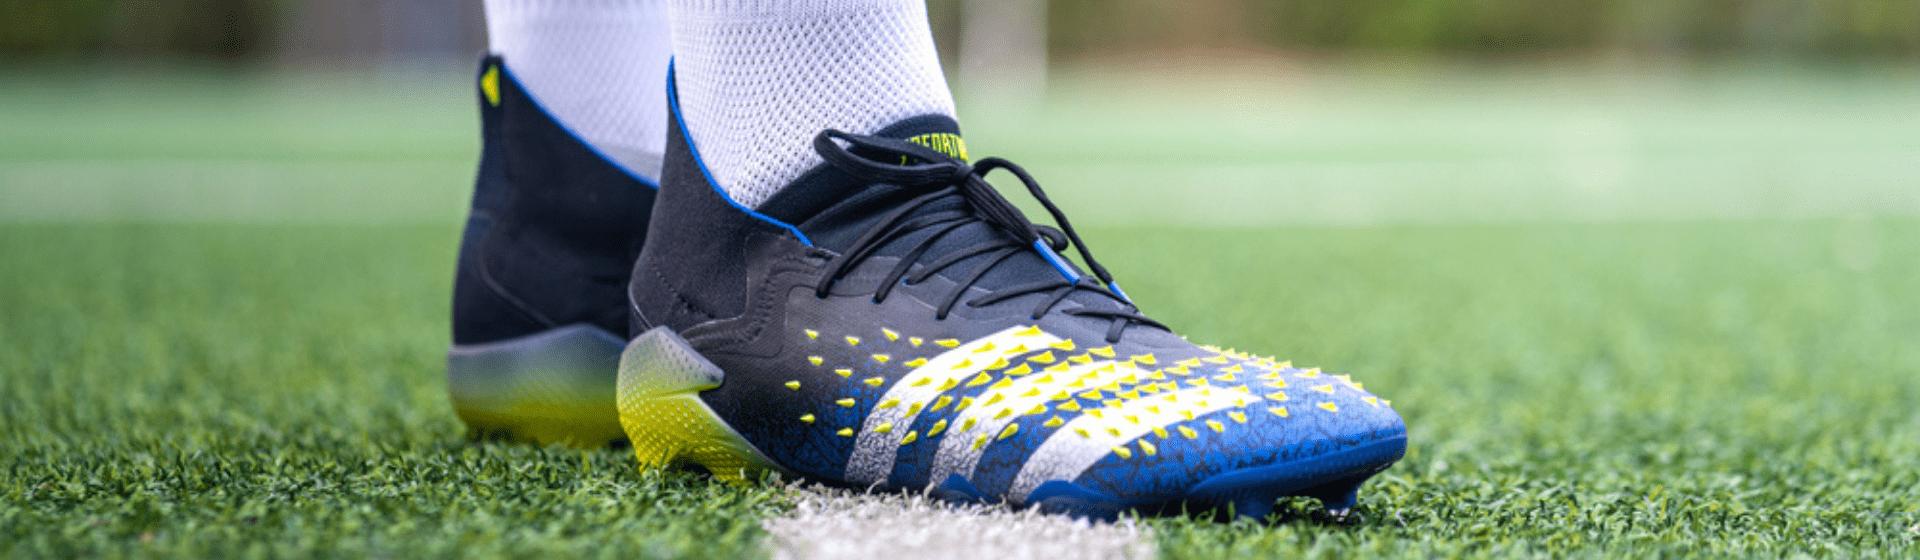 Melhor chuteira Adidas de 2021: 6 opções para comprar